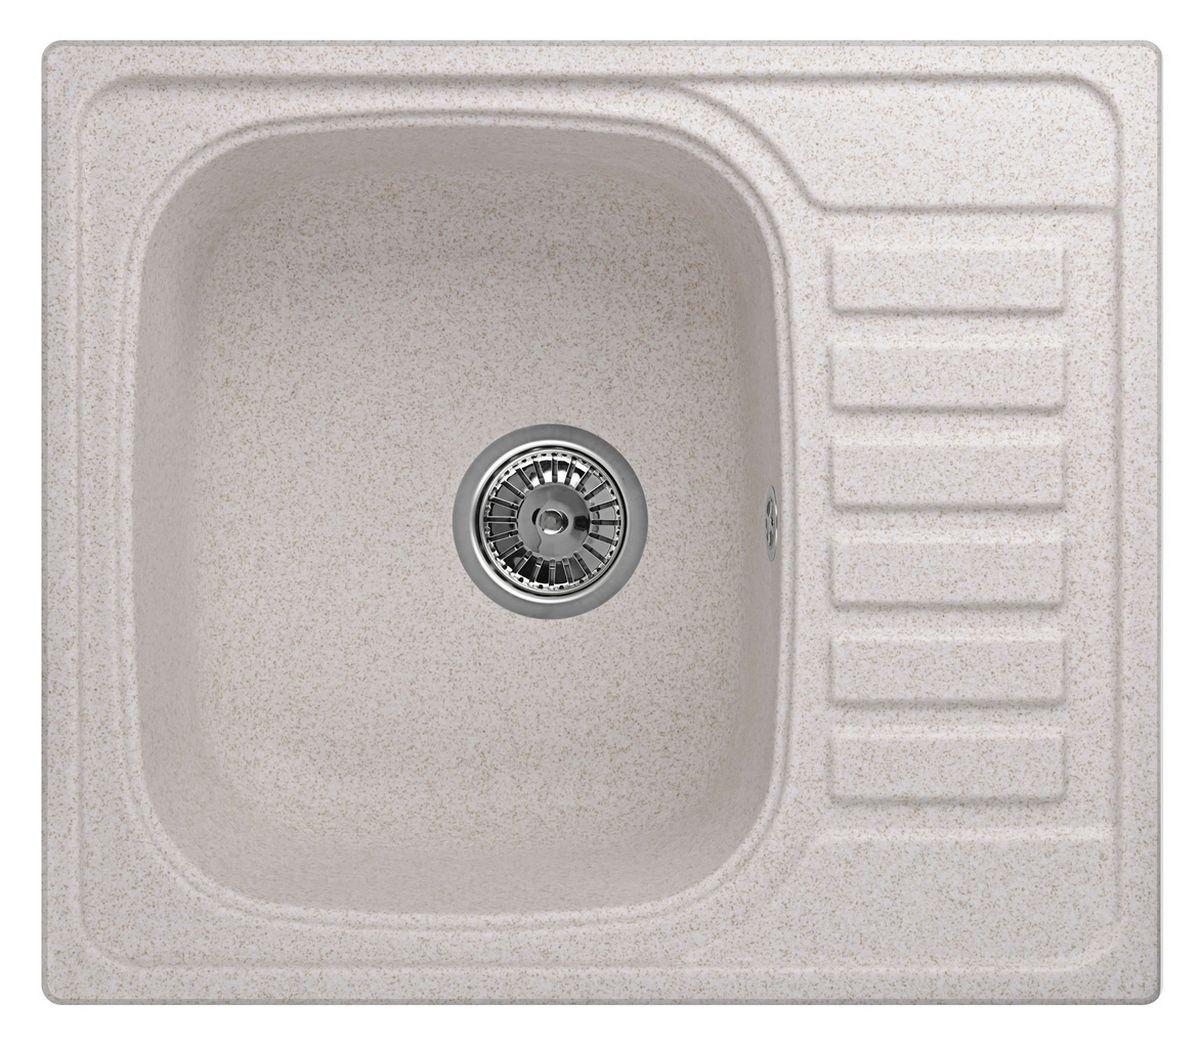 Мойка Weissgauff Quadro 575 Eco Granit, цвет: светло-бежевый, 57,5 х 20,0 х 49,5 см306178Гранитные мойки Weissgauff Eco Granit – классическая коллекция моек, изготовленных из специально подобранных композитных материалов , содержащих оптимальное сочетание 80% каменной массы высокого качества и 20% связующих материалов. Оригинальный и функциональный дизайн - технология изготовления позволяет создавать любые цвета и формы, оптимальные для современных кухонь. Мойки Weissgauff легко подобрать к интерьеру любой кухни, для разных цветов и форм столешниц Влагостойкость - отталкивание влаги – одна из примечательных особенностей моек из искусственного камня за счет связующих композитных материалов, которые продлевают их срок службы и способствуют сохранению первоначального вида Термостойкость - подвергая мойки воздействию высоких температур, например, различными горячими жидкостями, будьте уверенны, что мойки Weissgauff – эталон стойкости и качества, так как они устойчивы к перепаду температур. Специальный состав моек Weisgauff избавляет от проблемы...